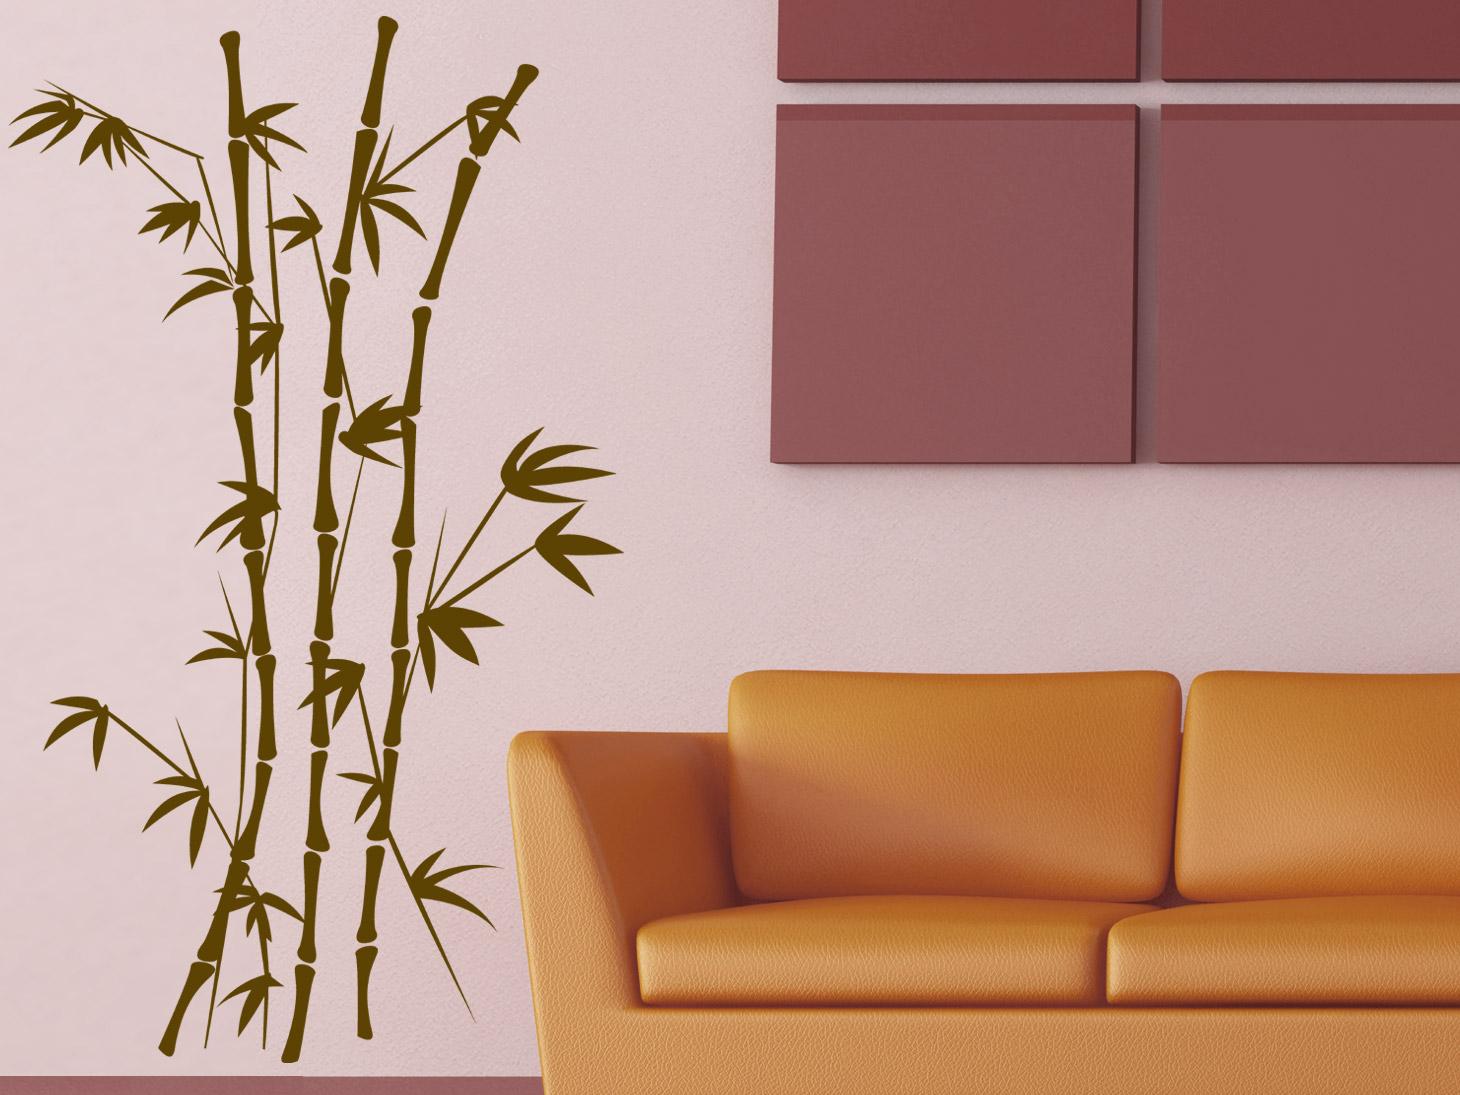 wandtattoo banner schlafzimmer joop bettw sche 200x220 lattenroste online kaufen herren. Black Bedroom Furniture Sets. Home Design Ideas